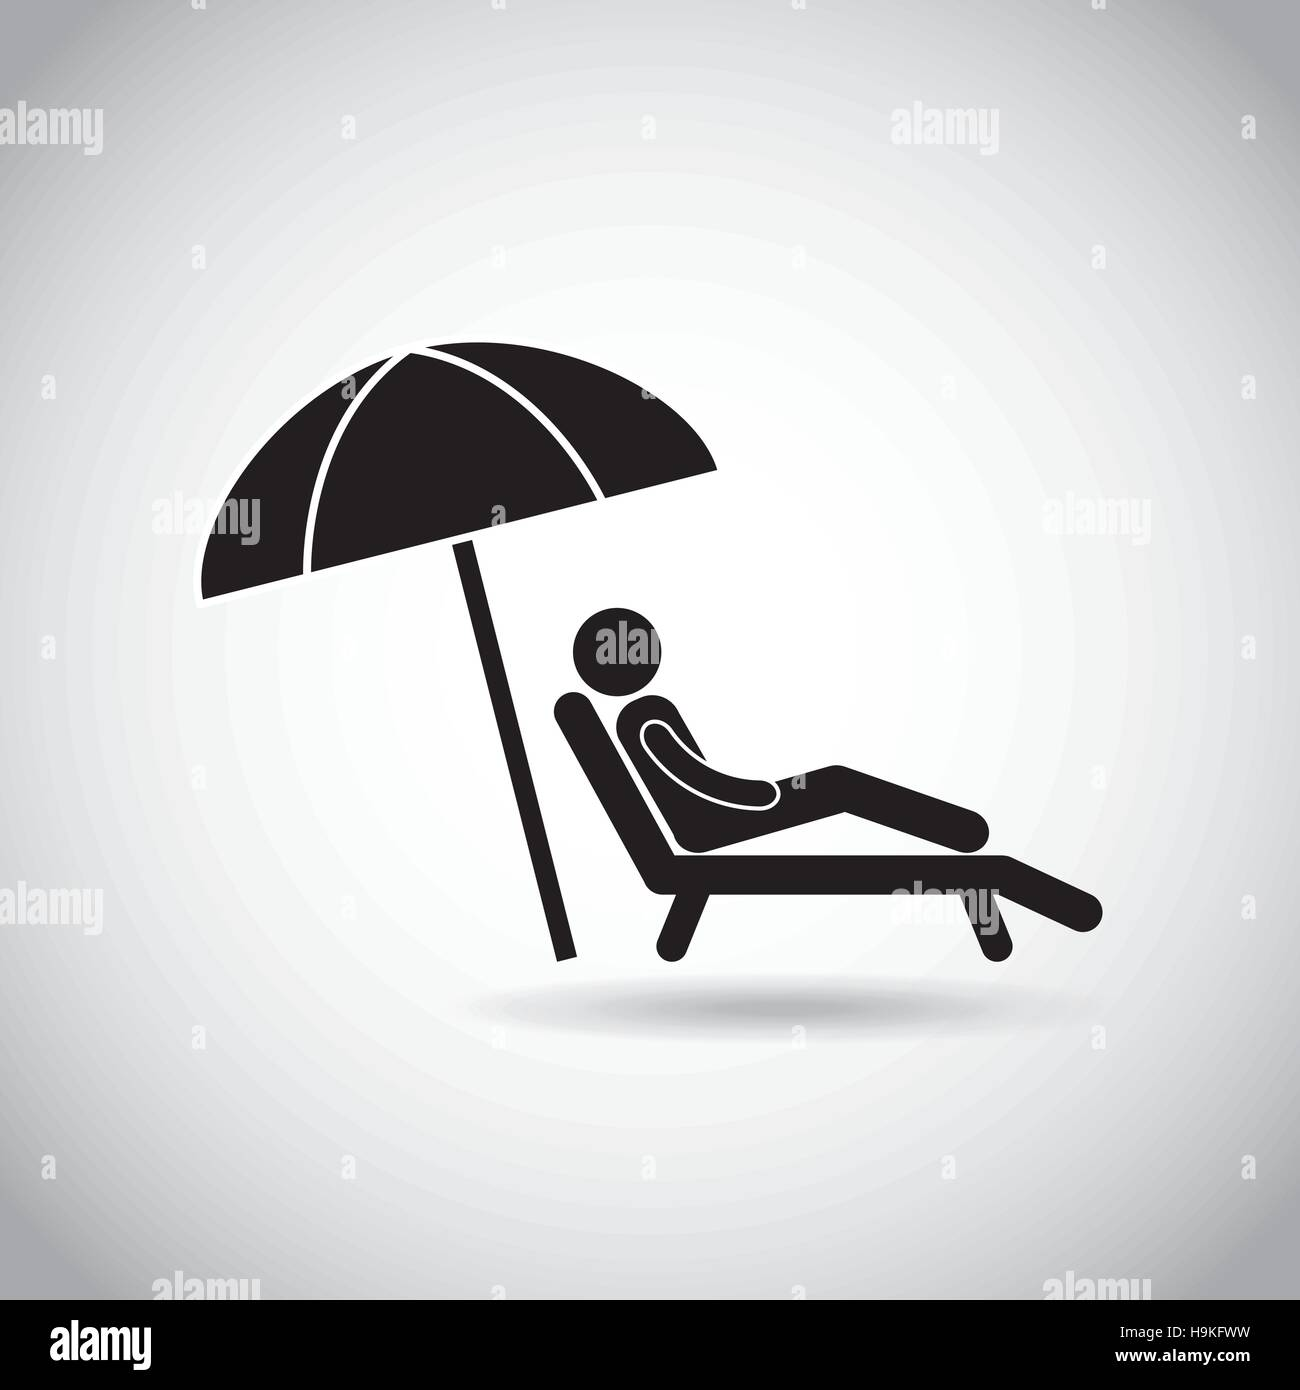 mann sitzt in einem liegestuhl mit sonnenschirm symbol auf wei em hintergrund piktogramm design. Black Bedroom Furniture Sets. Home Design Ideas